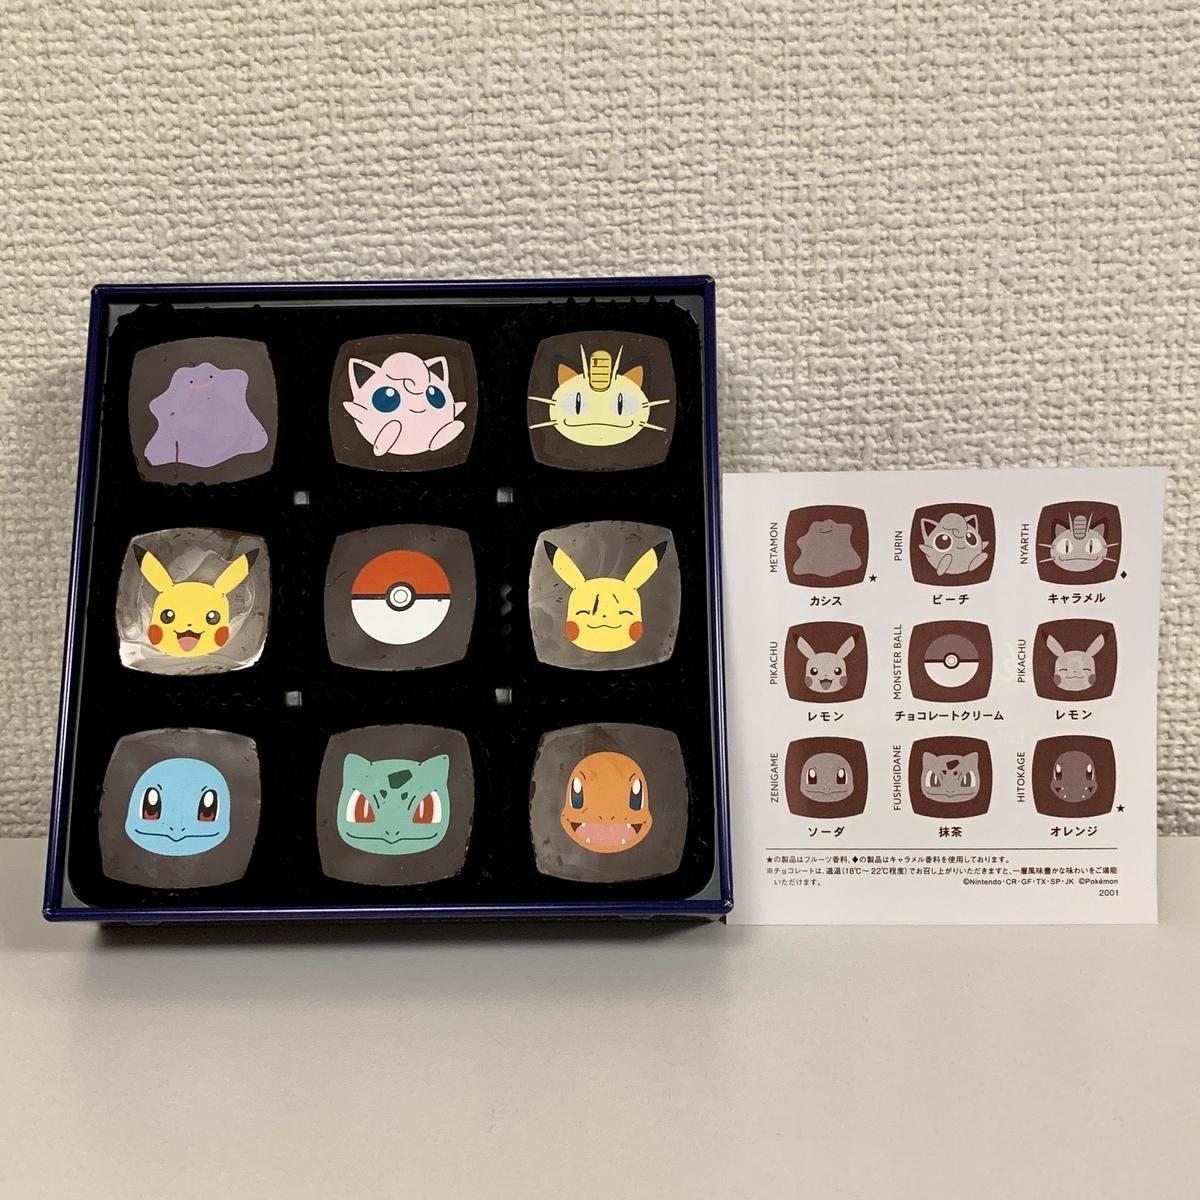 f:id:pikachu_pcn:20200120201246j:plain